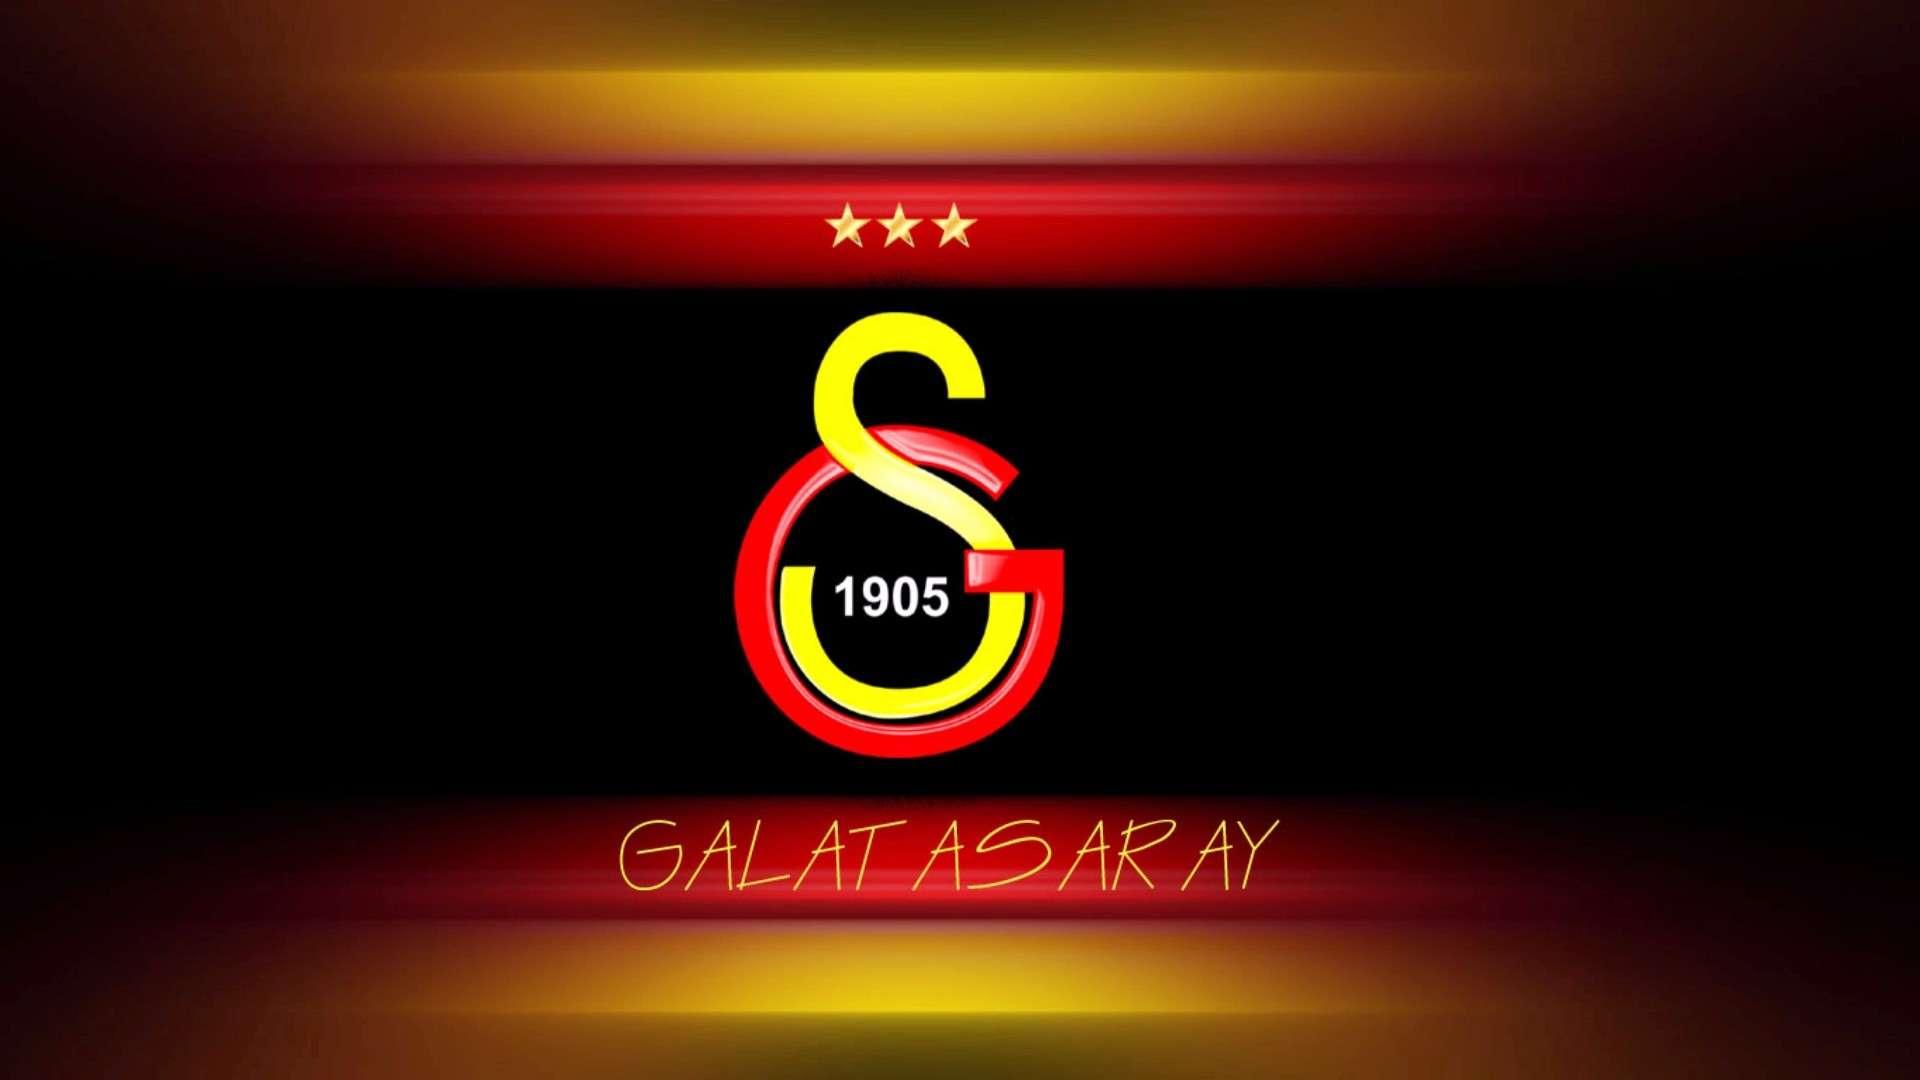 GS Galatasaray Futbol Takımı Wallpaper 28